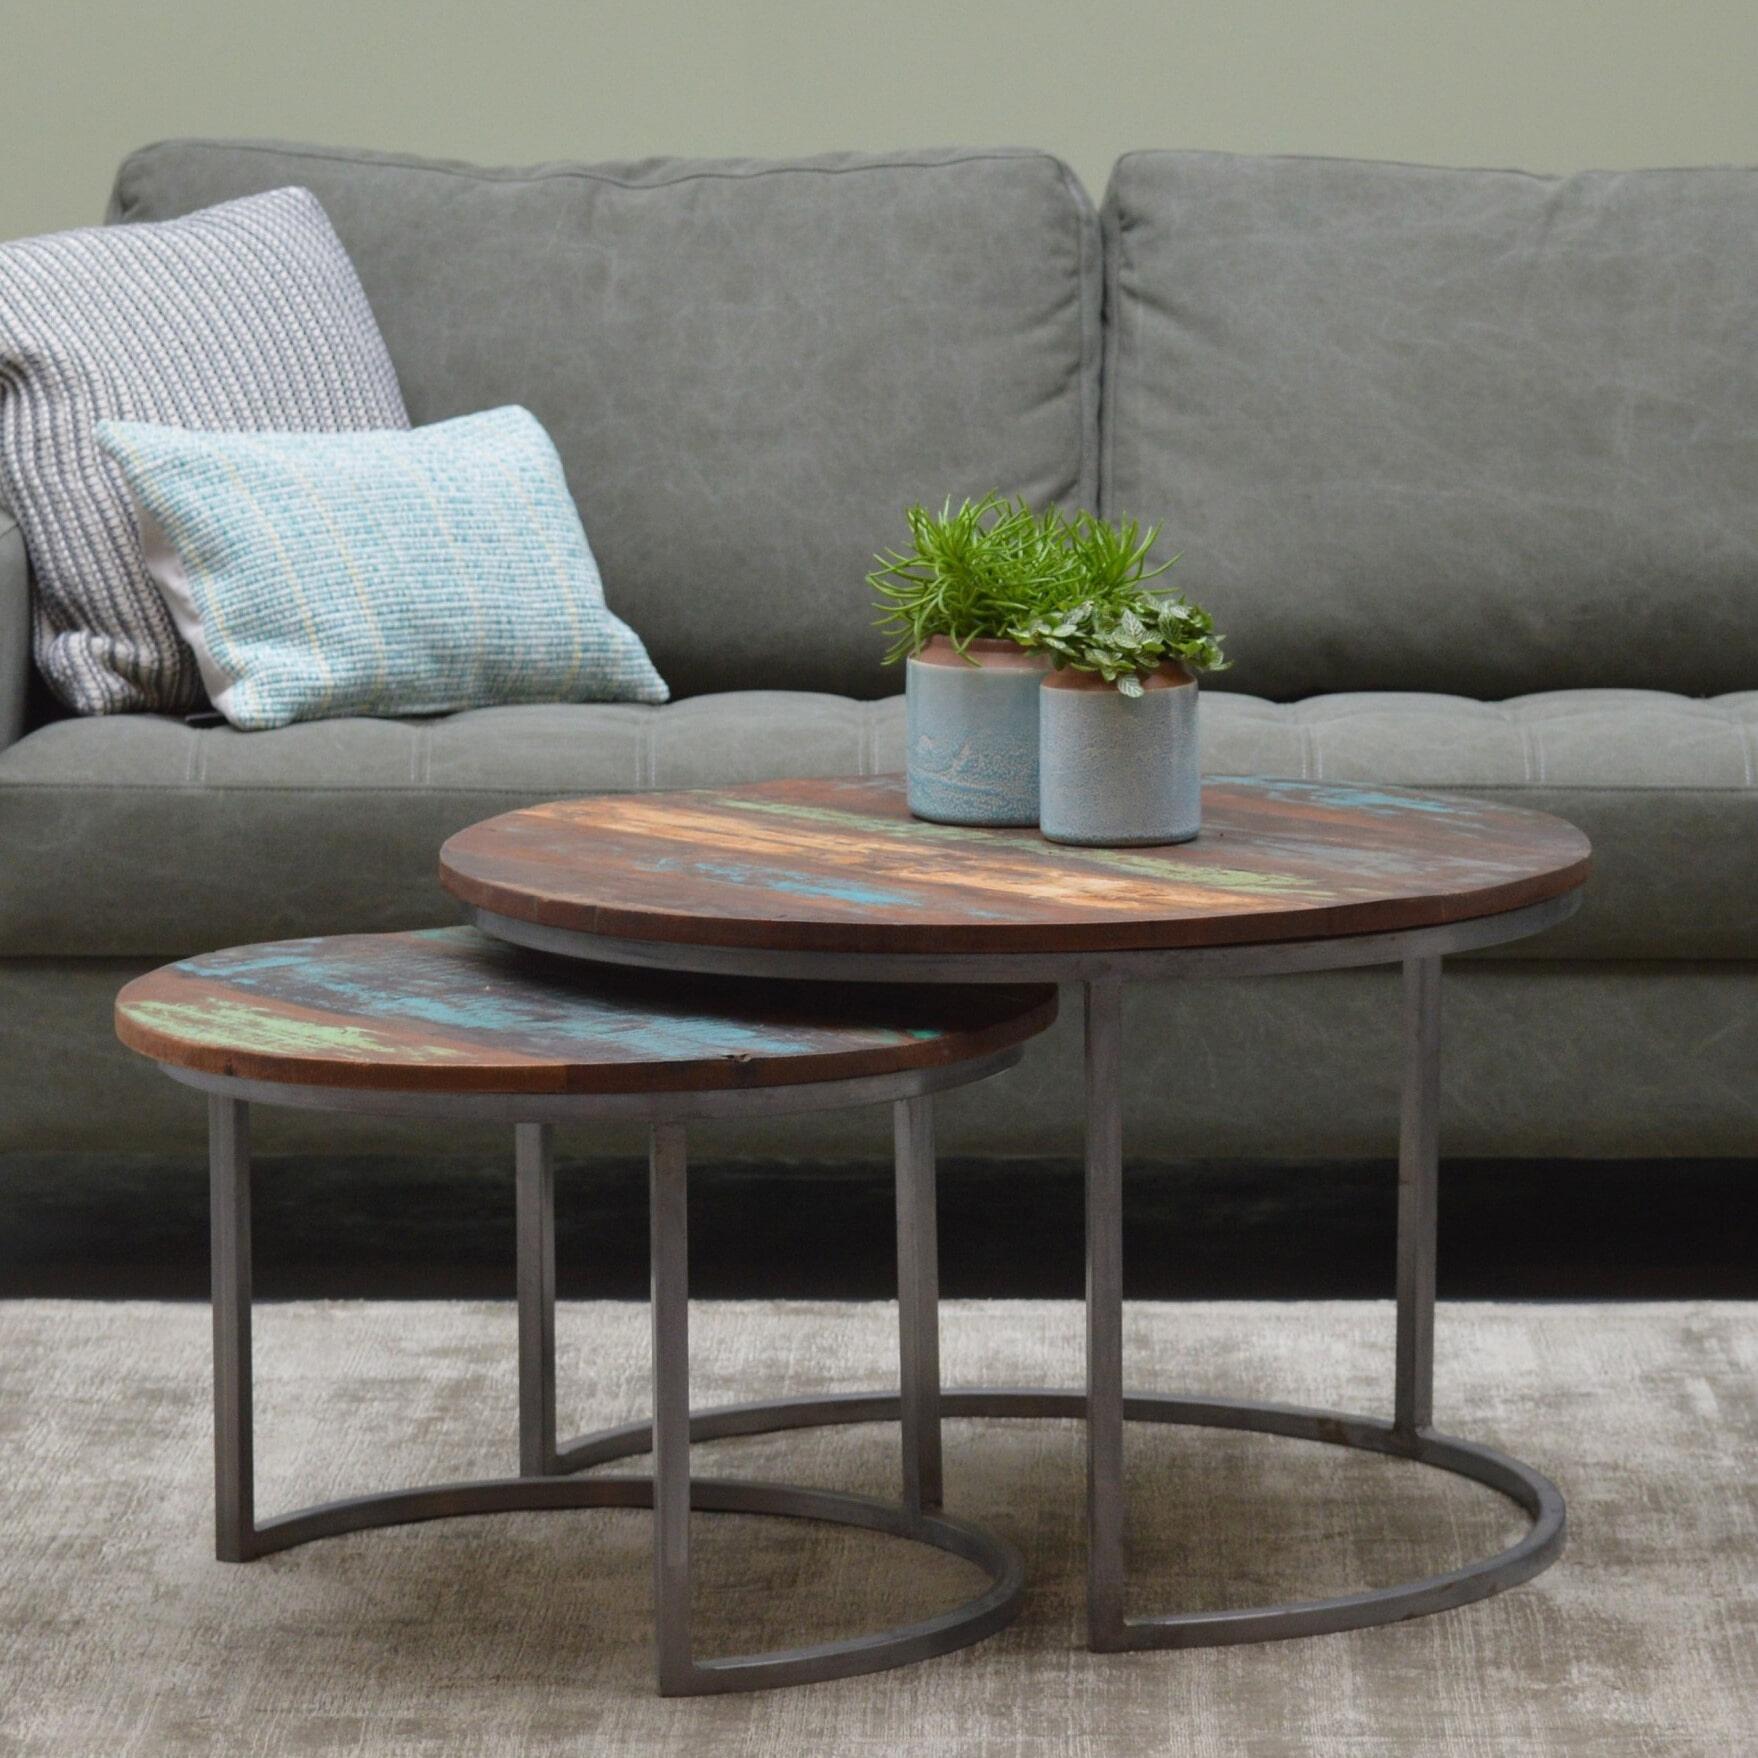 Brix Salontafel 'Jimmi' set van 2 stuks Tafels | Salontafels vergelijken doe je het voordeligst hier bij Meubelpartner